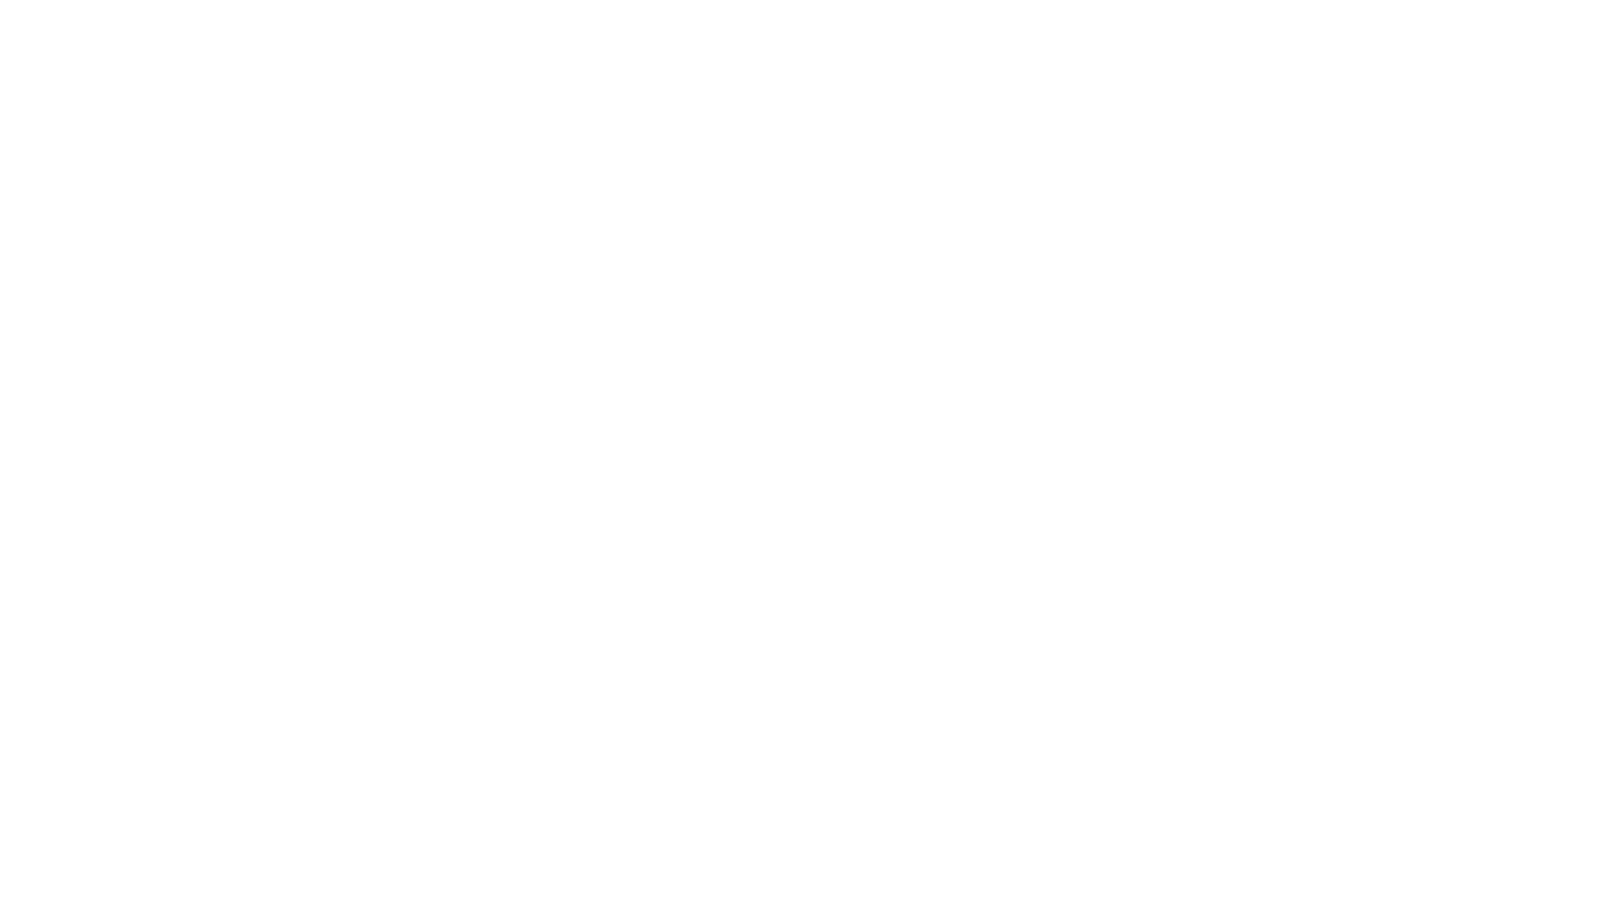 Highlights Unterpfaffenhofen vs. MTV I Bezirksliga Süd 2021/22  🎬 Zusammenfassung ➡️ Unterpfaffenhofen vs. MTV I 1:0 (0:0) ⏰ 24.07.21 📹©️ sporttotal.tv  Das Videomaterial wird von sporttotal.tv zur Verfügung gestellt.  #mtvberg #forzamtv #ostufer #mehralseinverein #bezirksliga #sporttotal #raisting #highlights